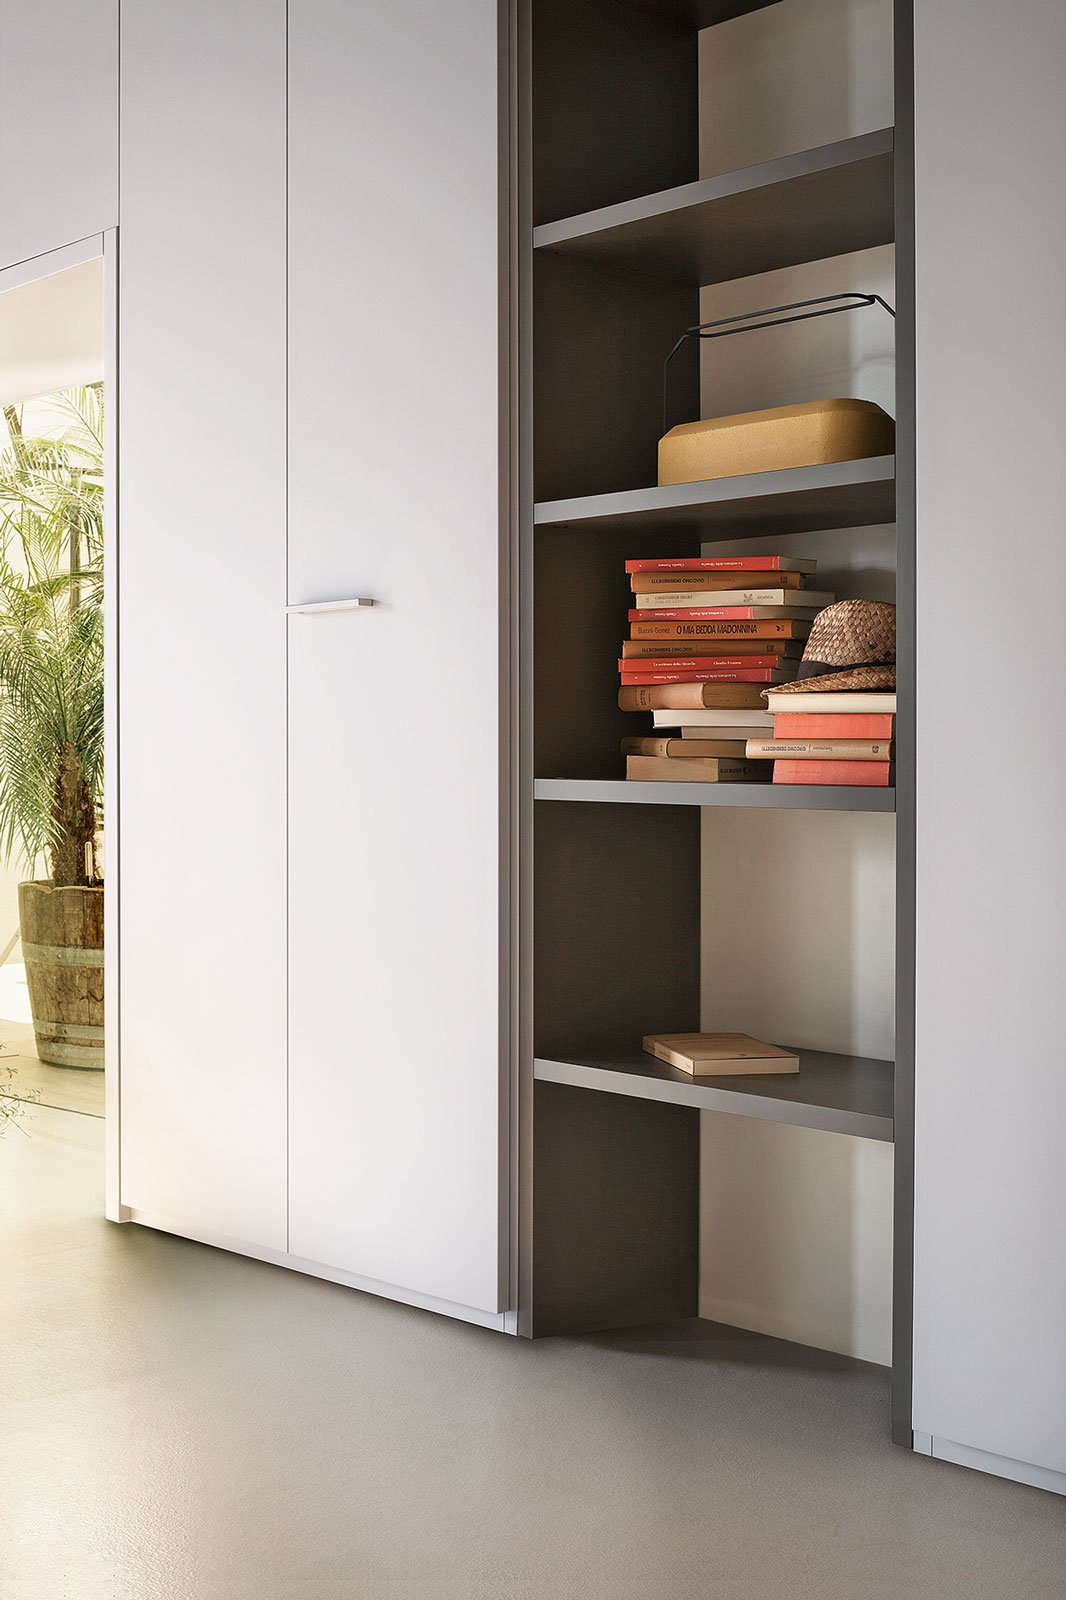 Cose di casa arredamento casa cucine camere bagno normativa - Arredamento salvaspazio mobili multifunzionali ...